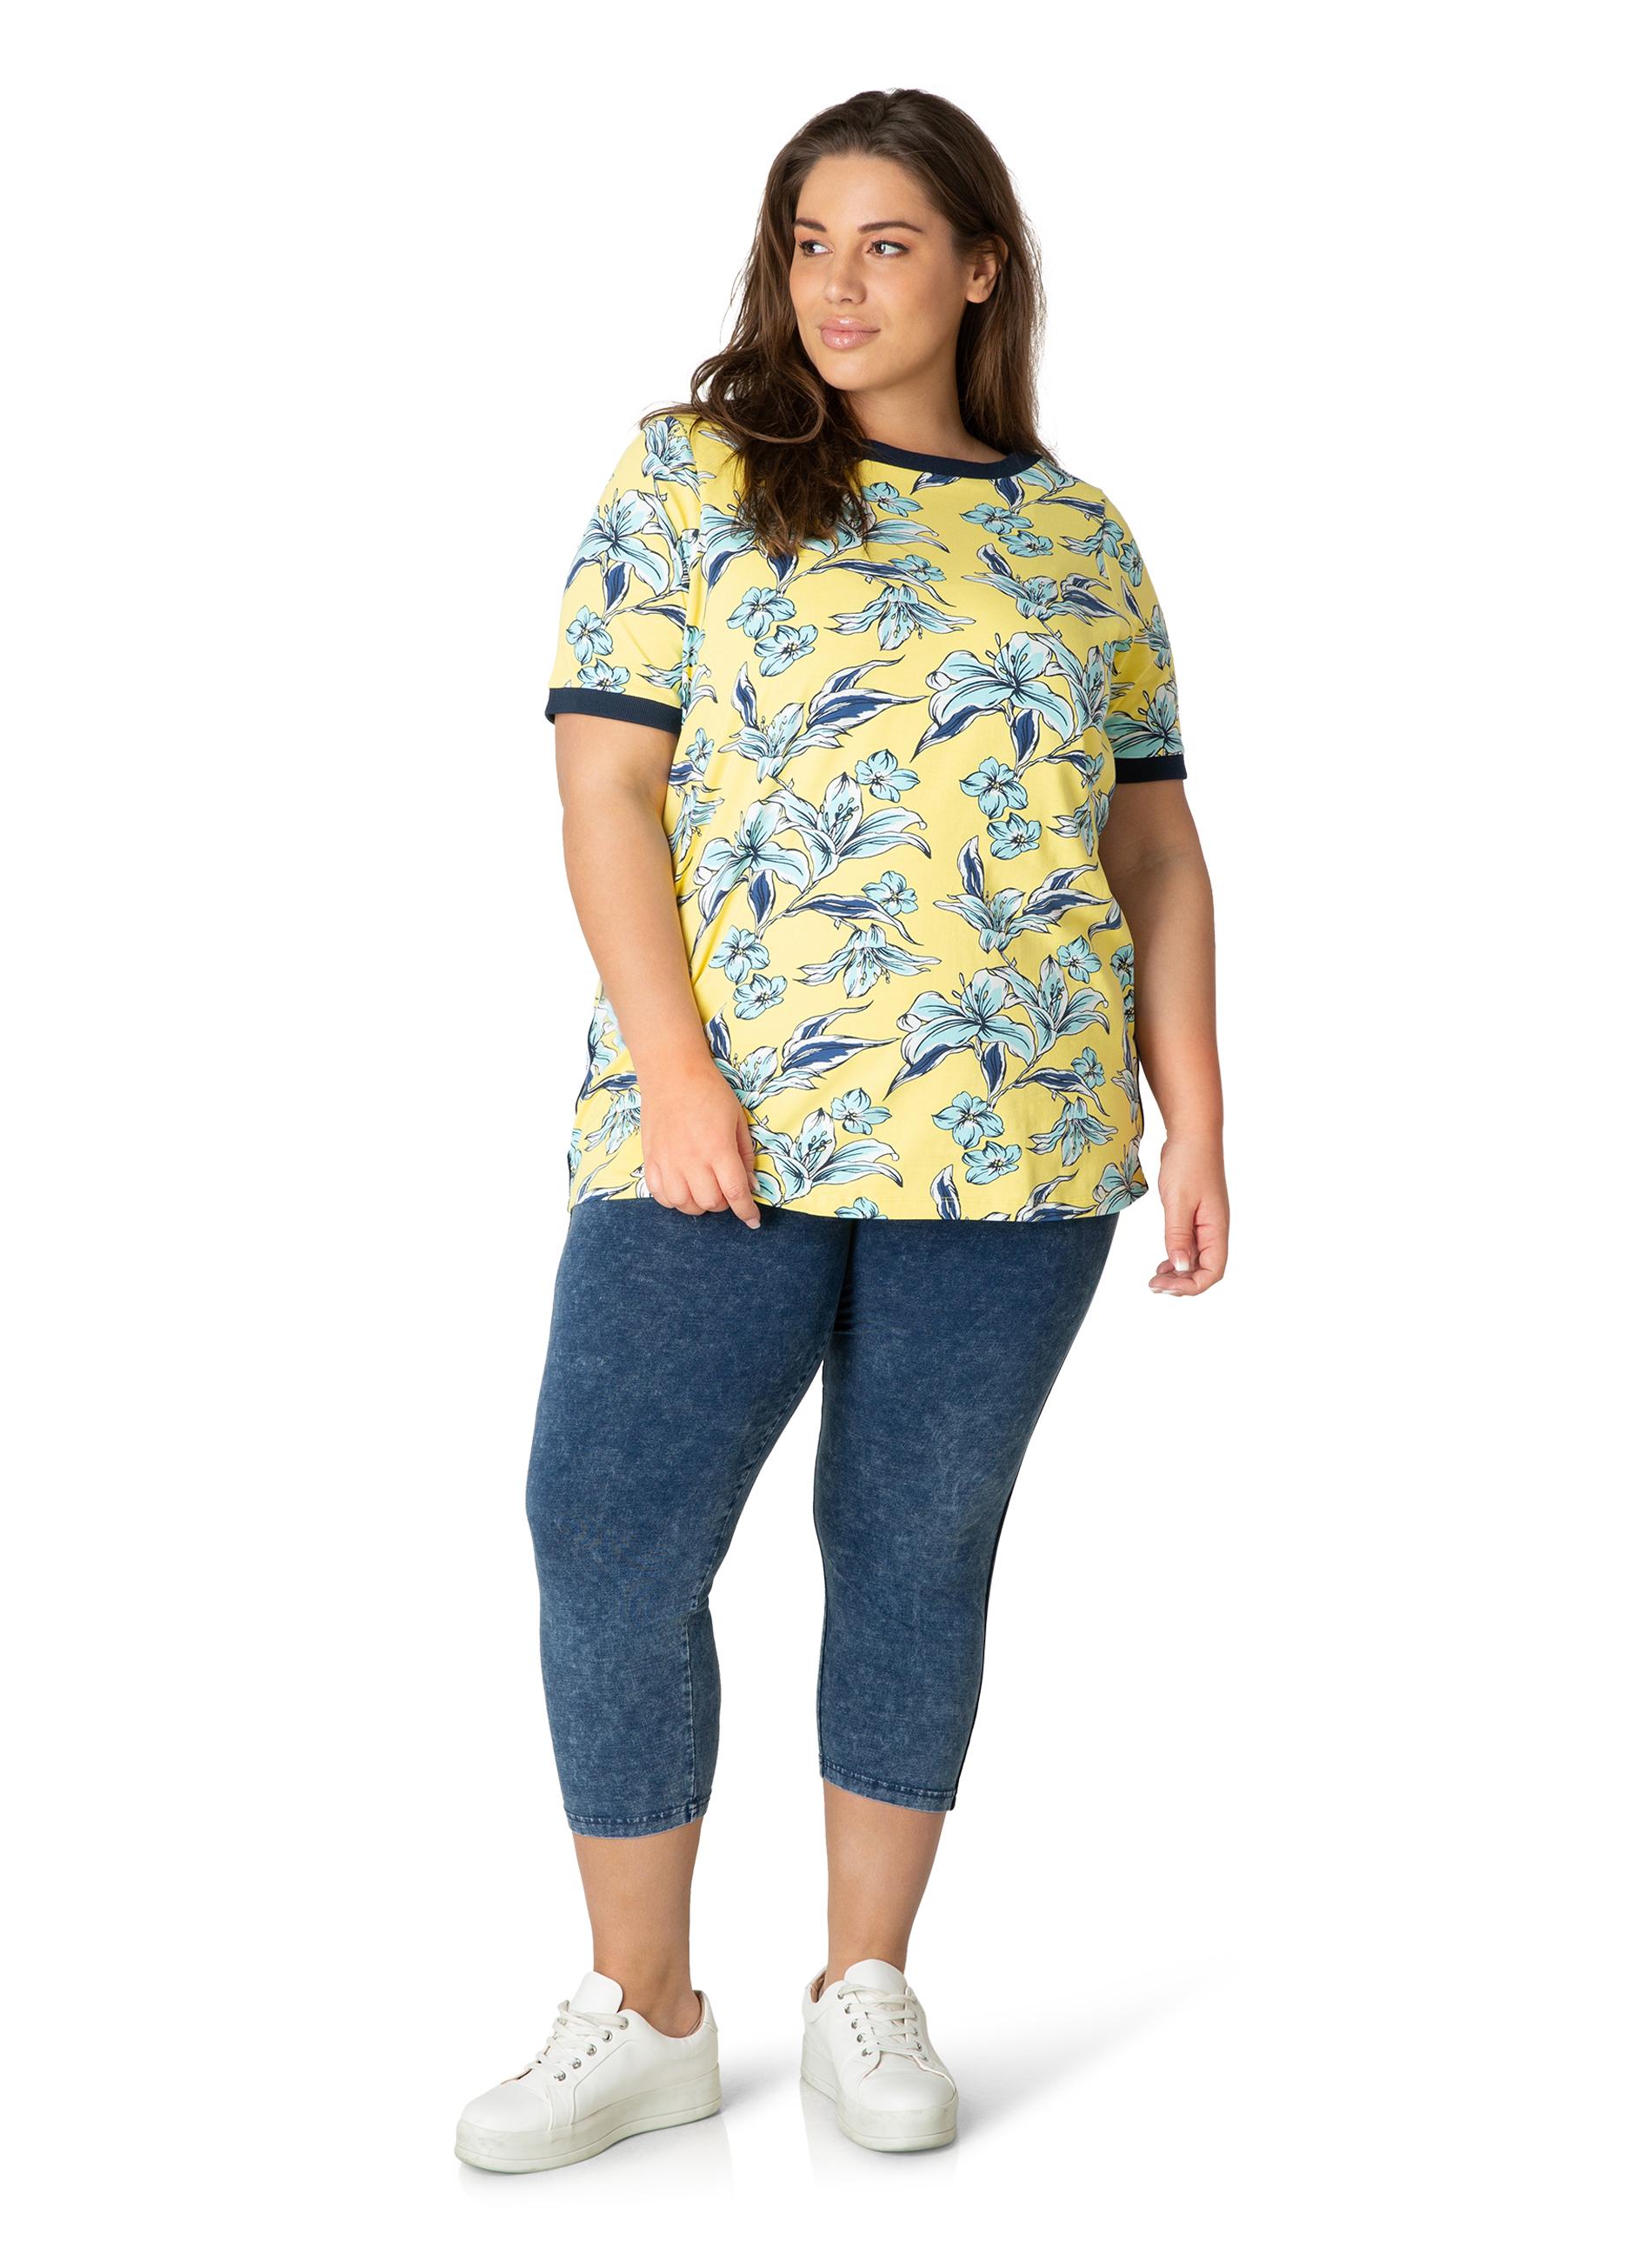 Shirt Joya 70 cm Yesta